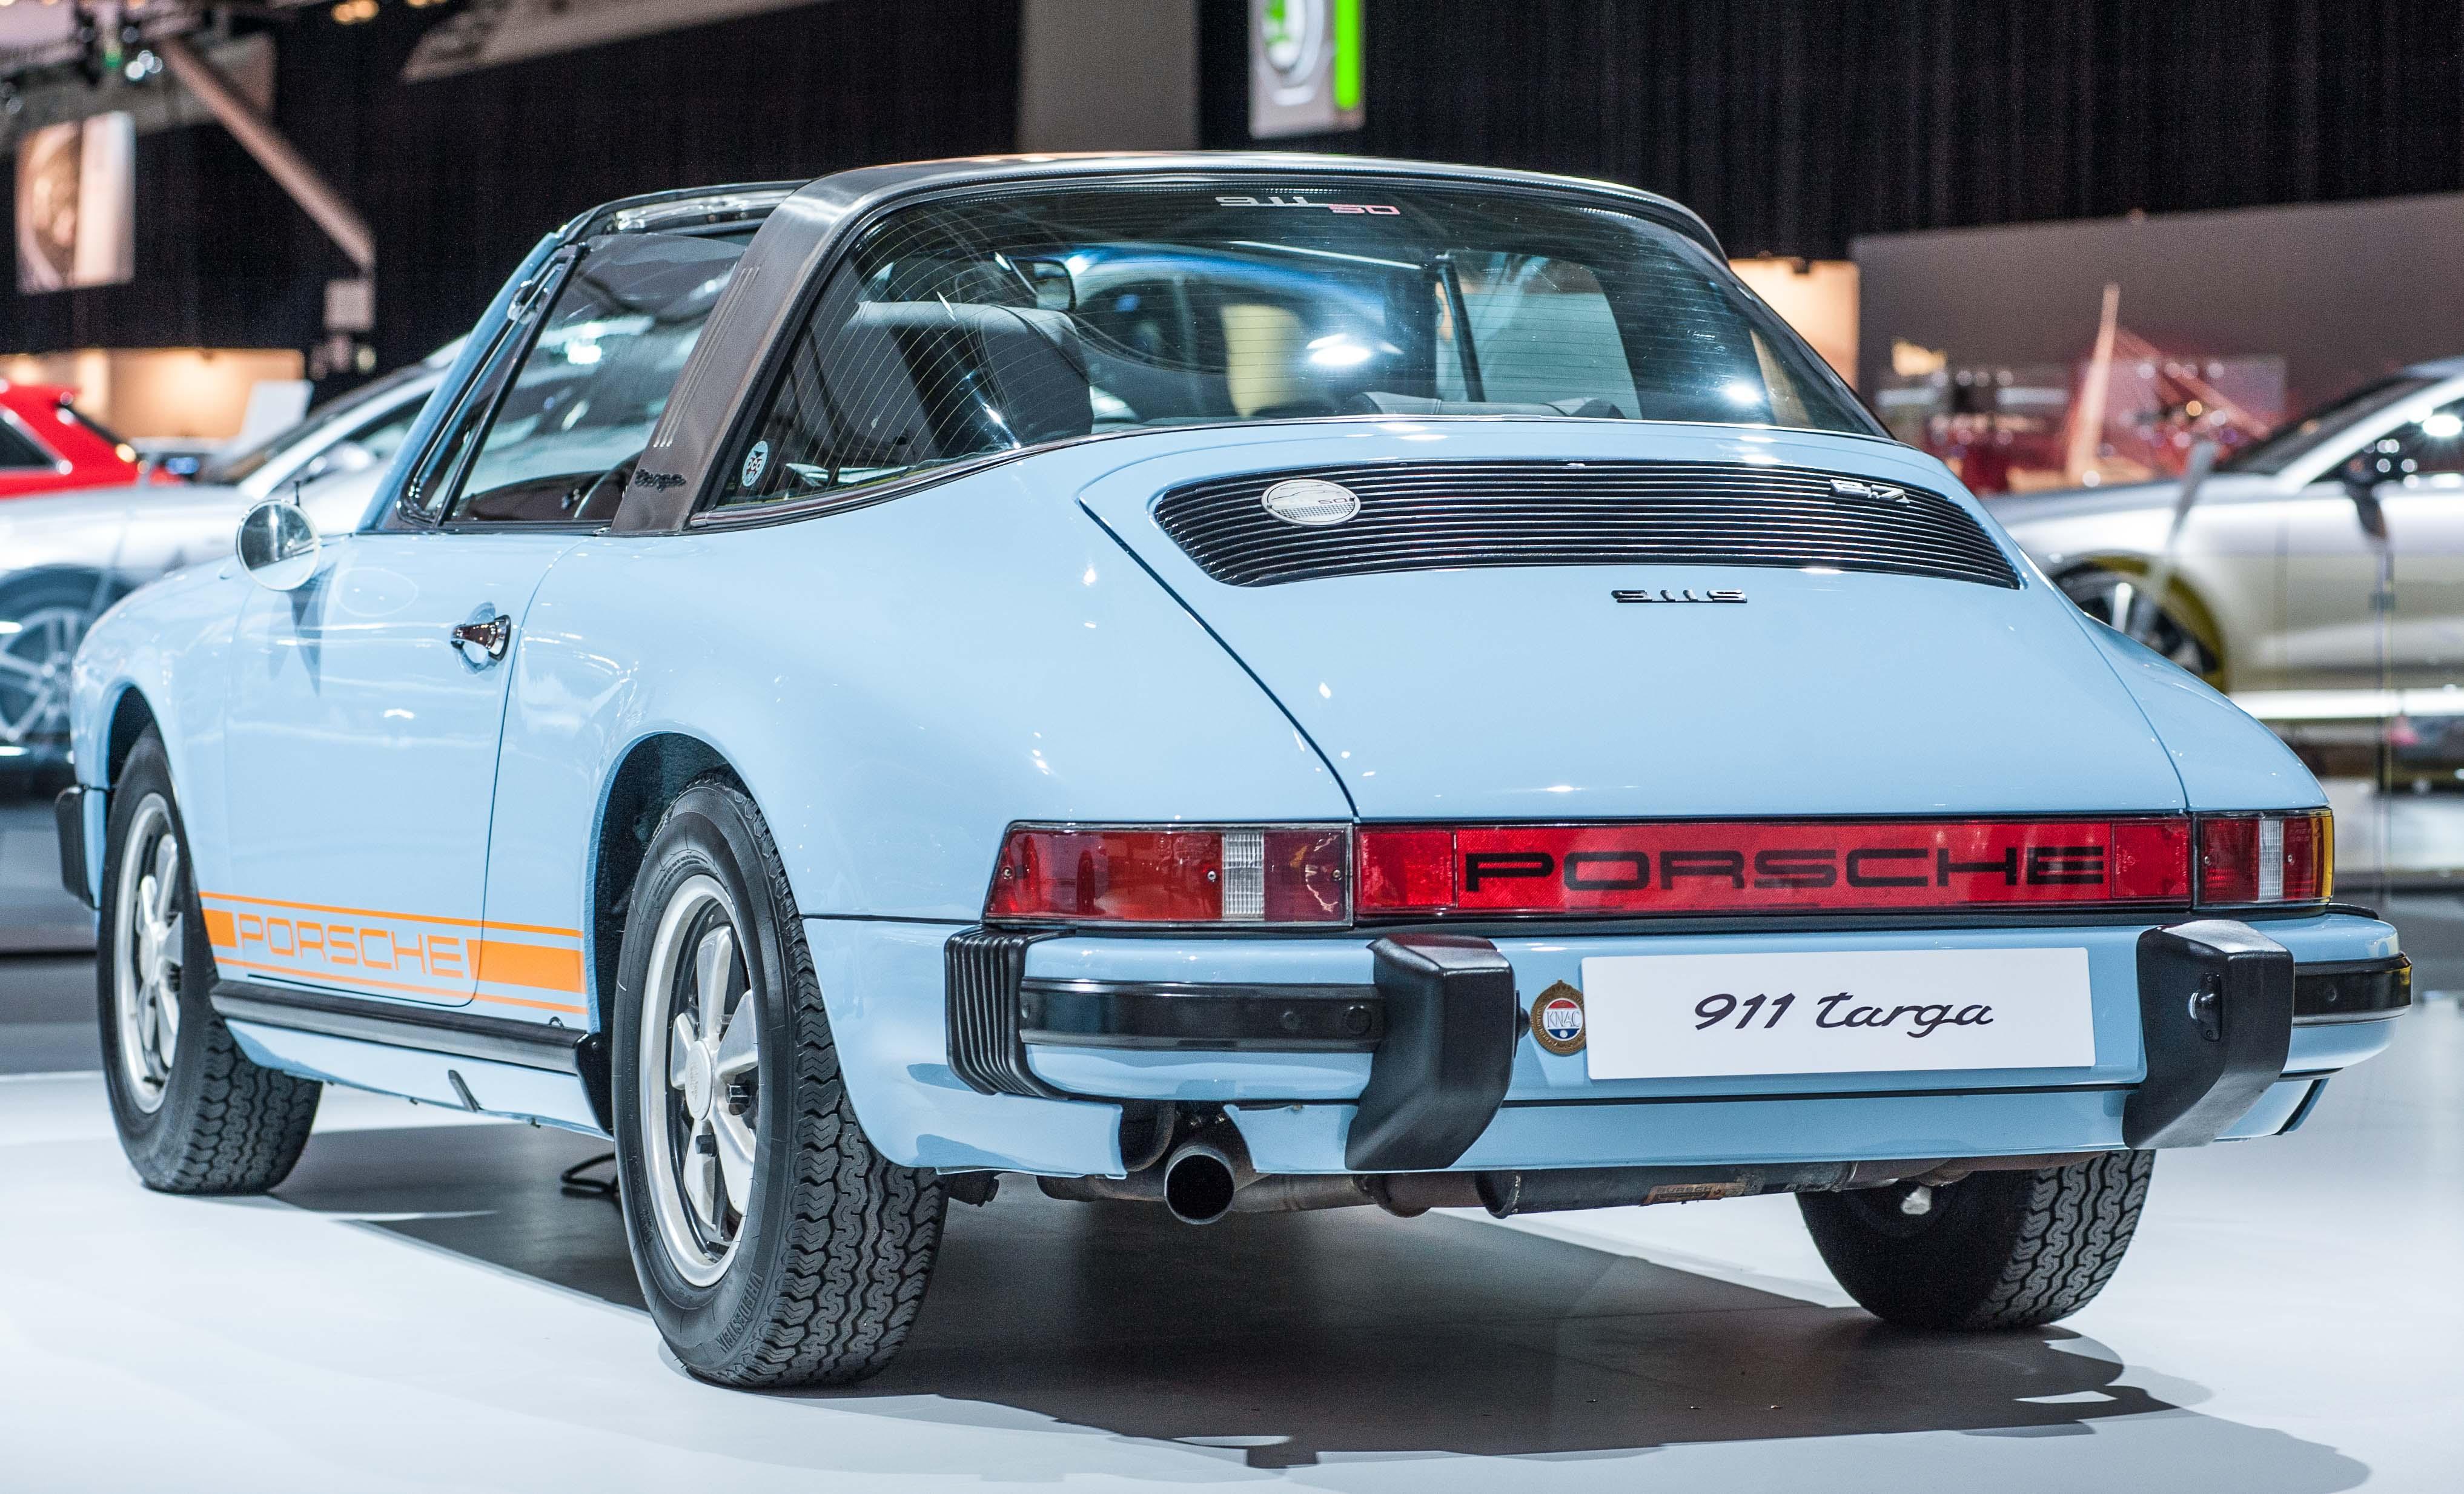 911 targa blue